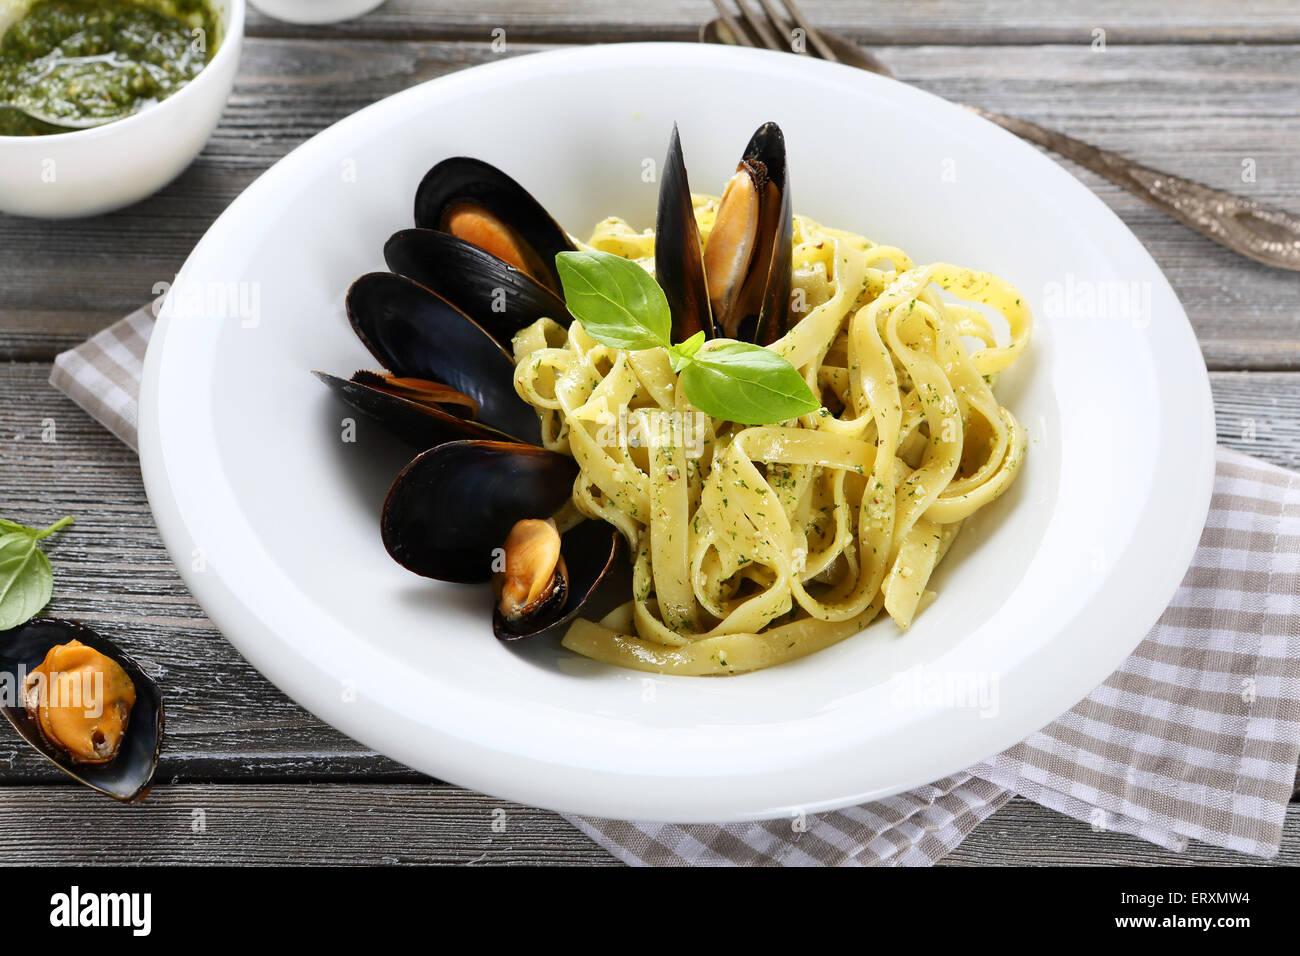 Pâtes aux fruits de mer frais, de l'alimentation Banque D'Images